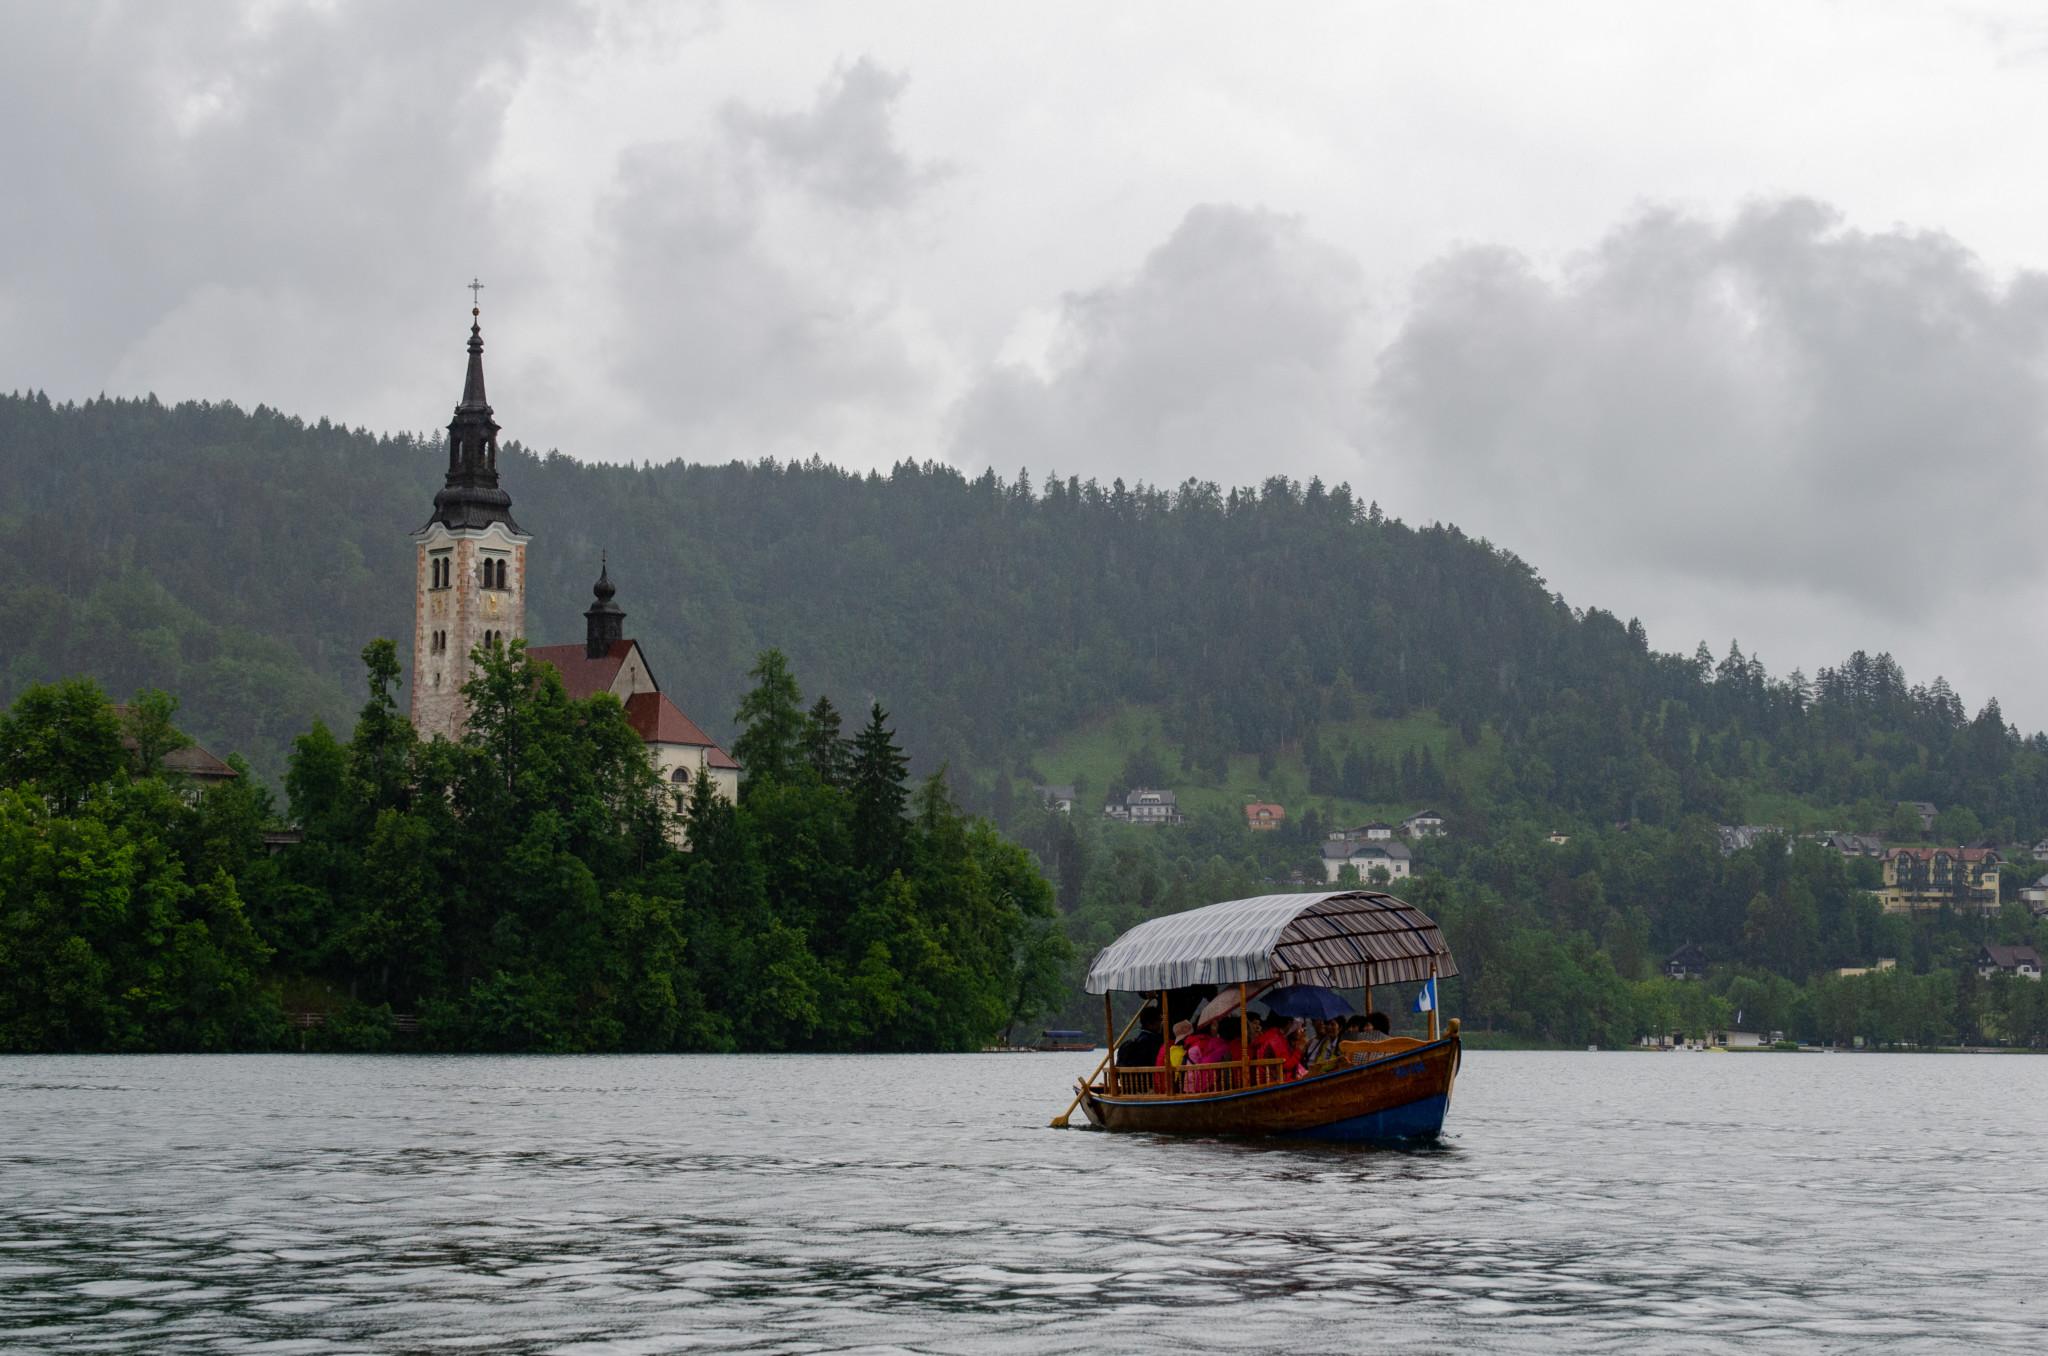 Mit dem Boot zur Insel im Bleder See